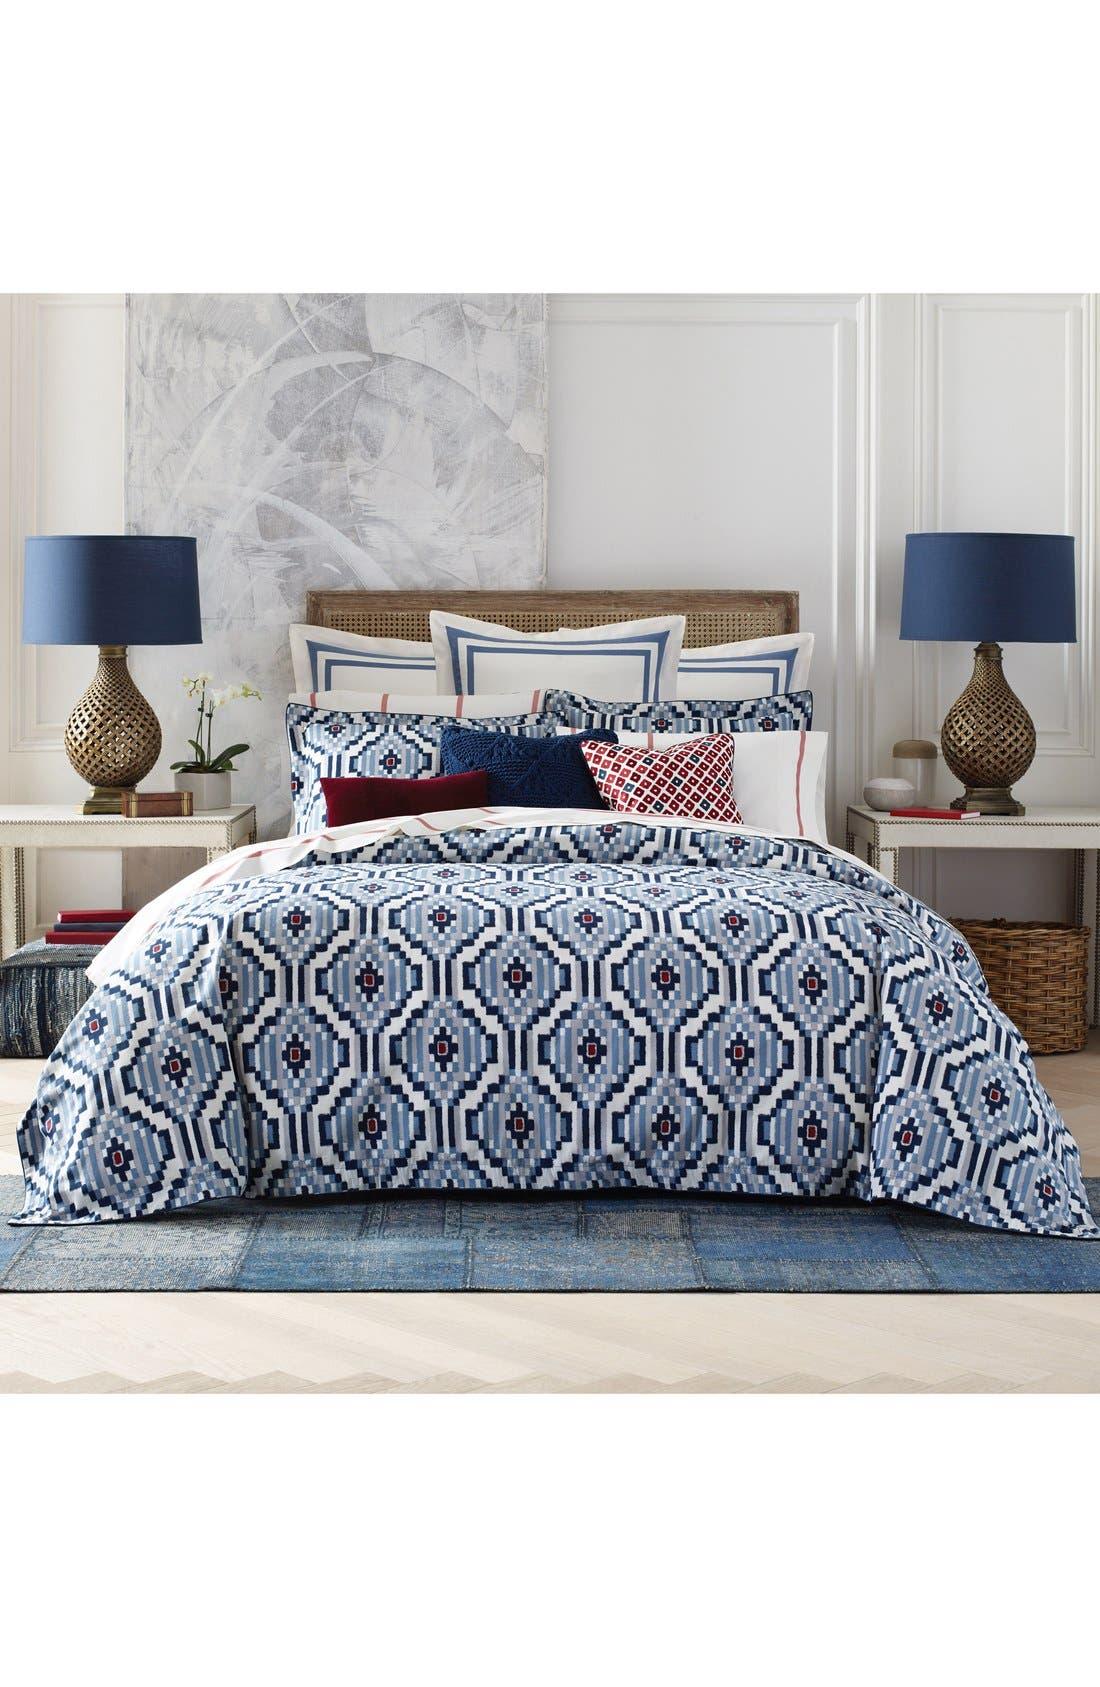 Alternate Image 1 Selected - Tommy Hilfiger Ellis Island Comforter & Sham Set